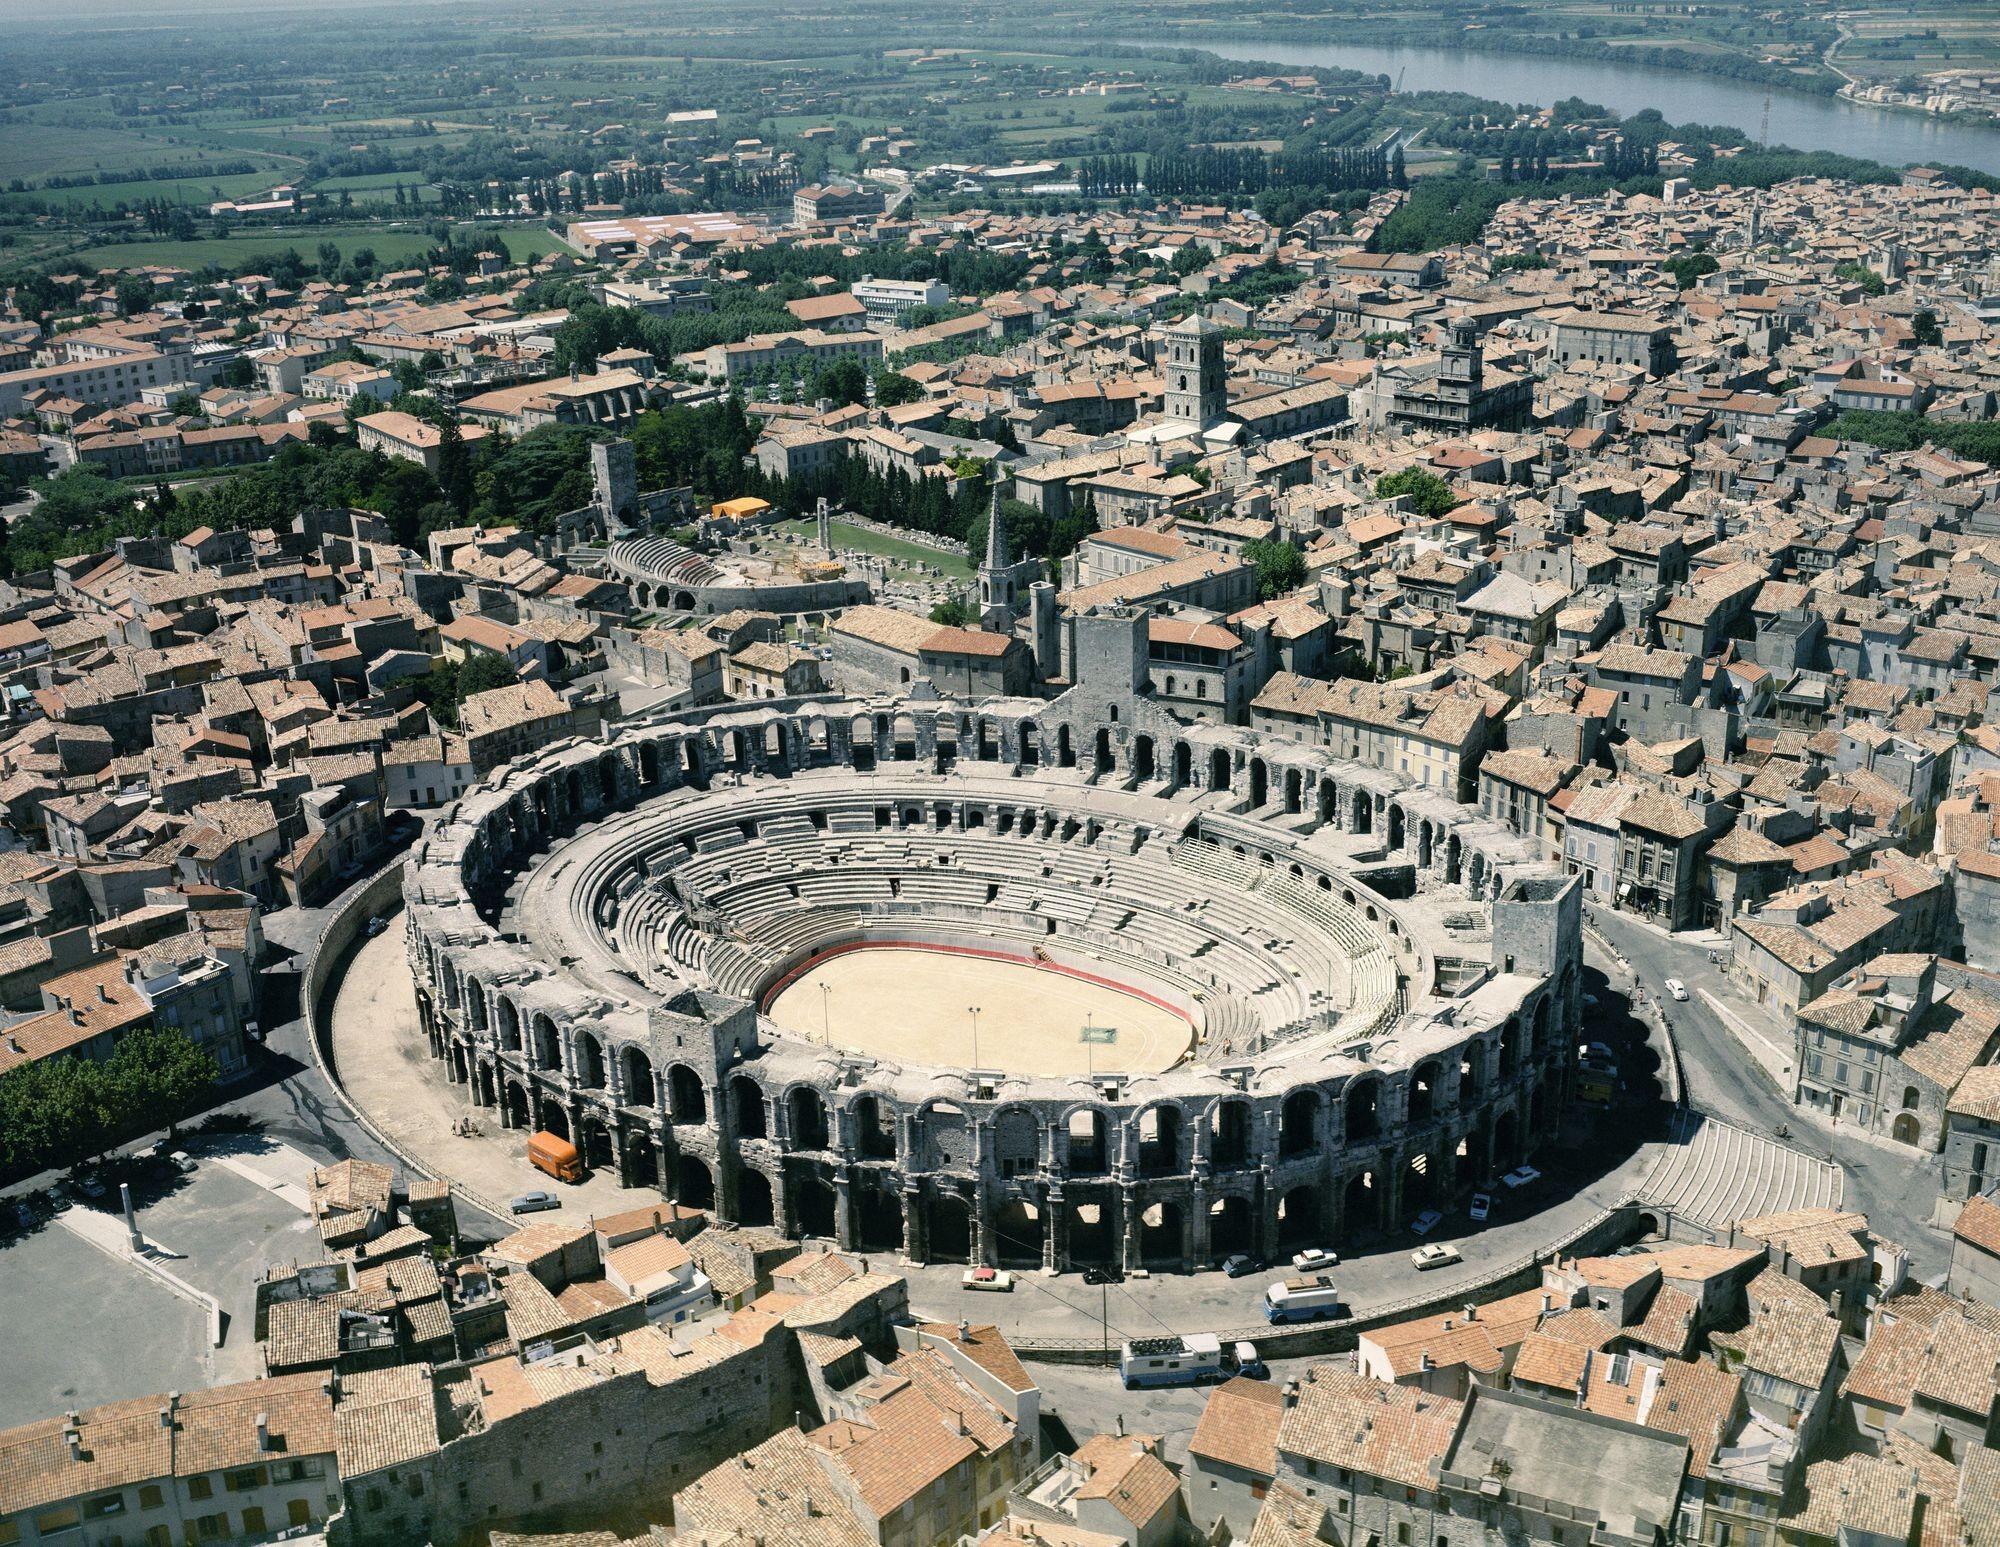 L'amphithéâtre d'Arles, un petit Colisée